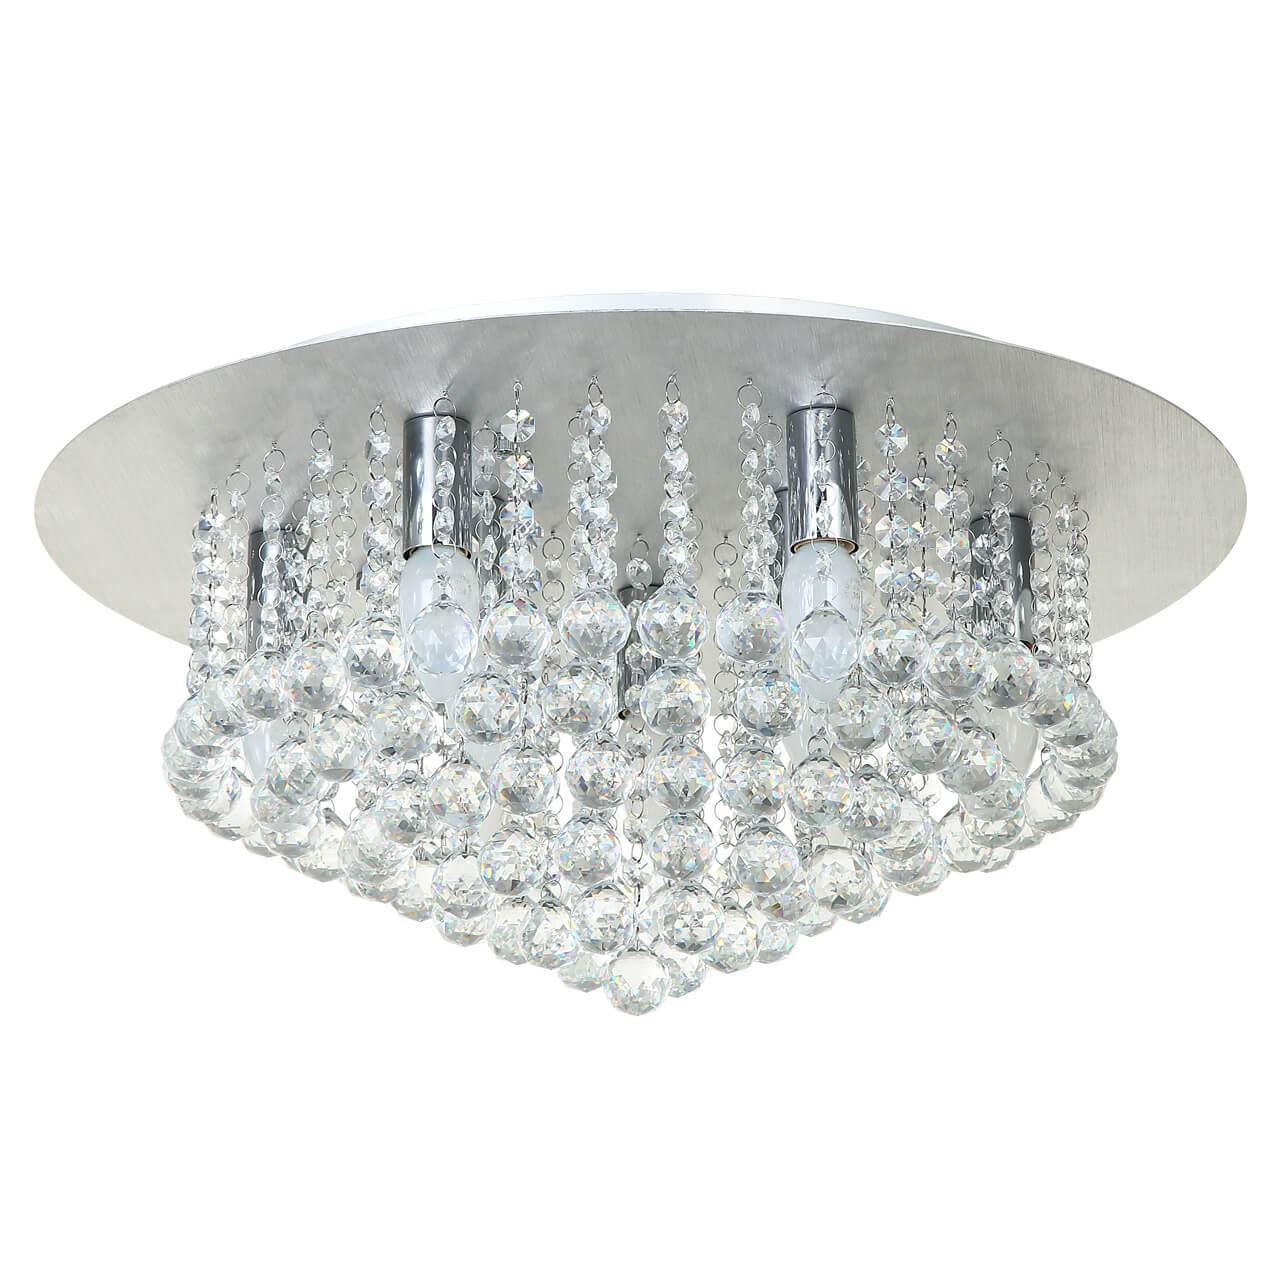 Потолочный светильник MW-Light 276014409, E14, 40 Вт